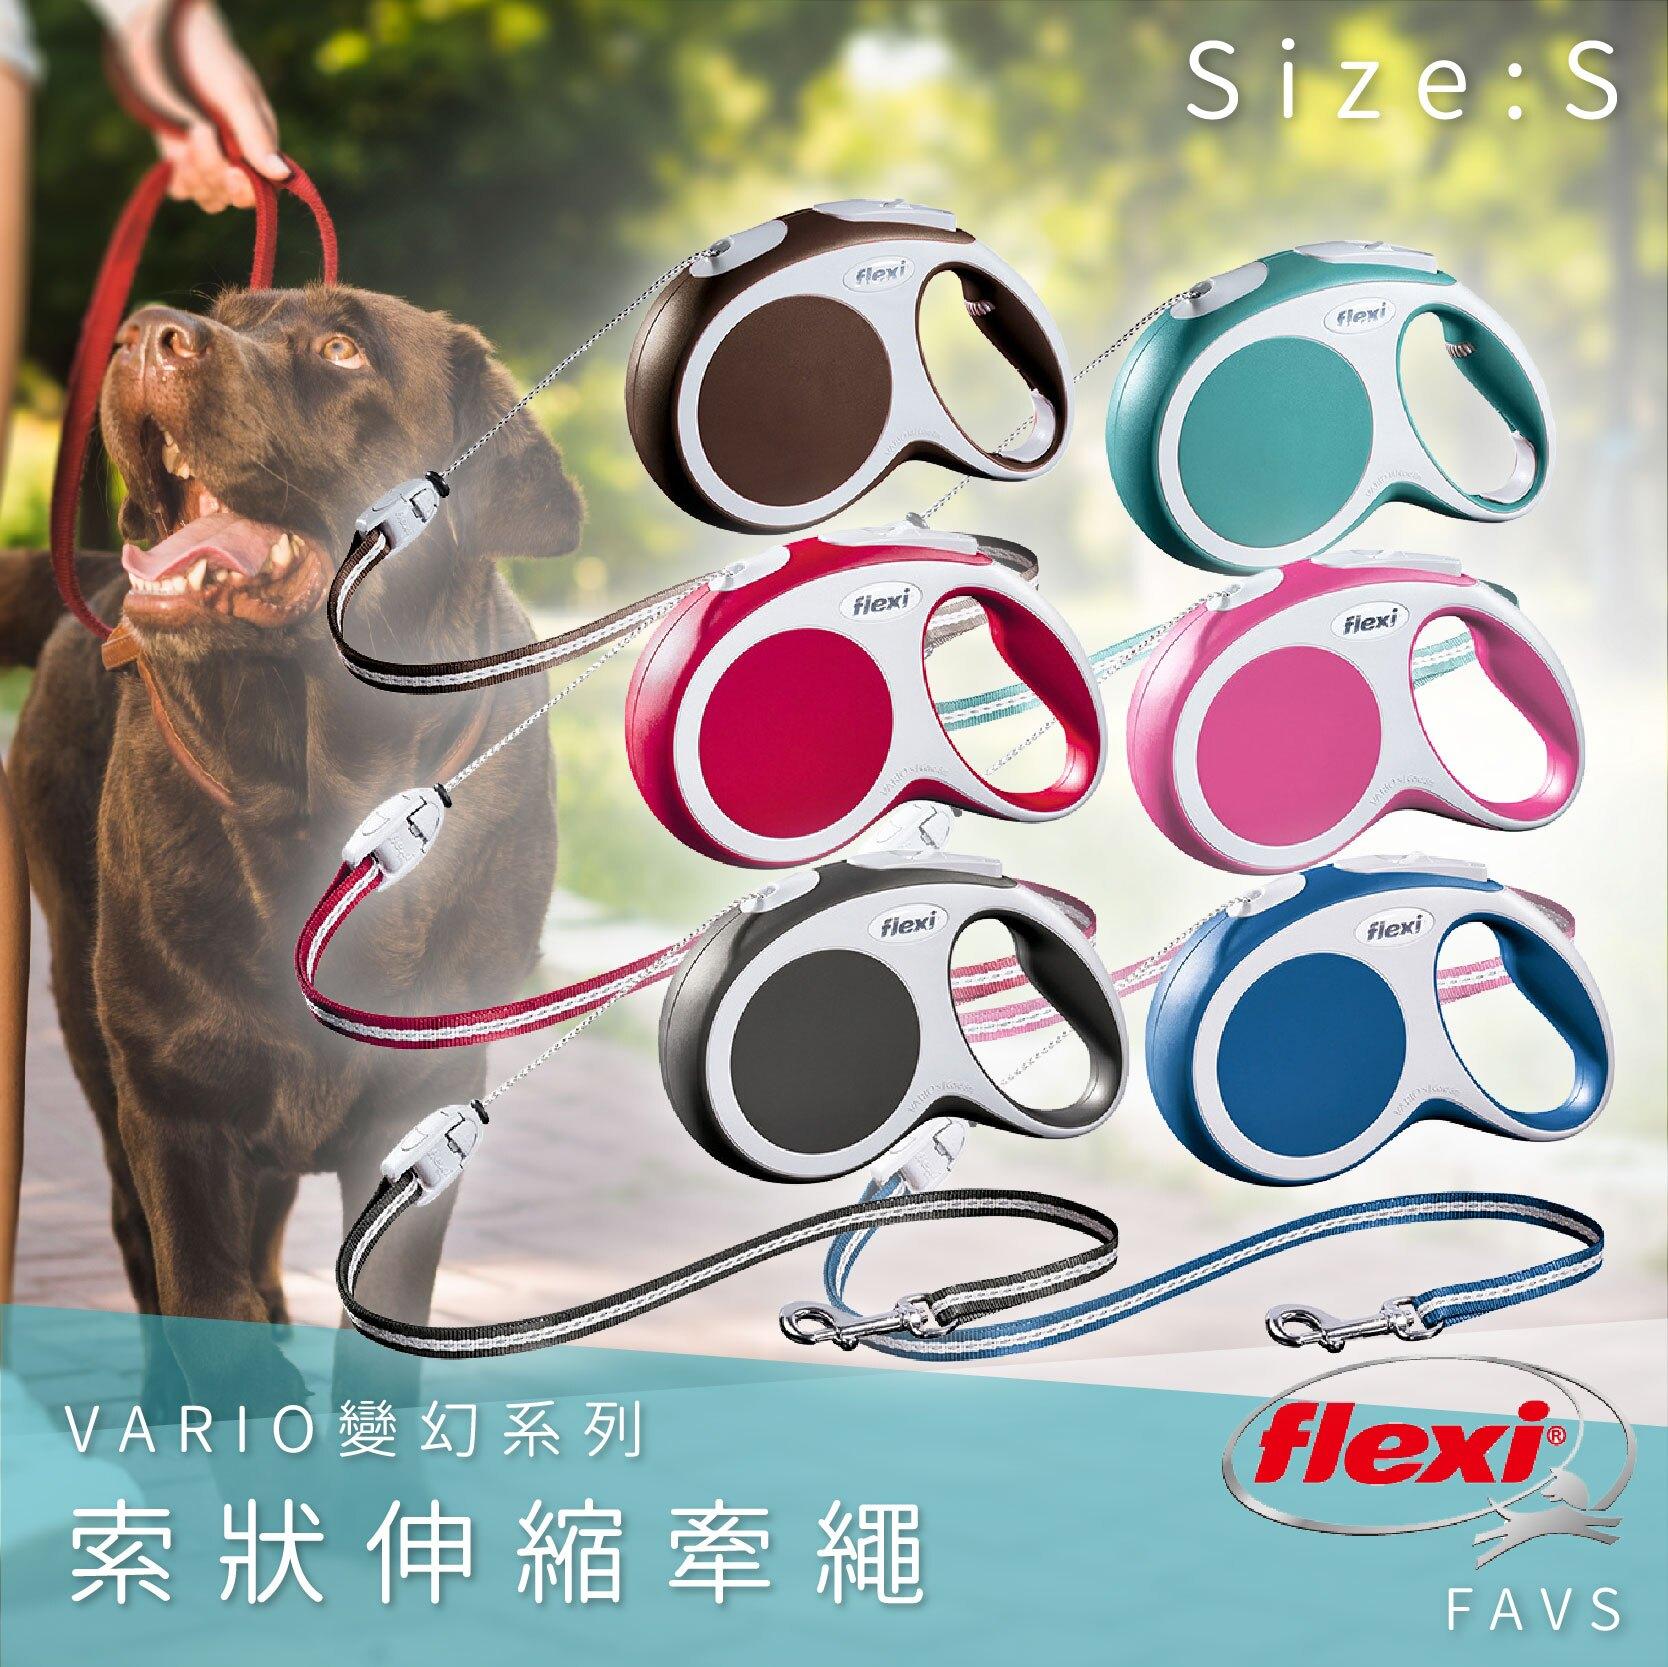 Flexi飛萊希 索狀伸縮牽繩 S FAVS 變幻系列 舒適握把 狗貓 外出用品 寵物用品 寵物牽繩 德國製 八色